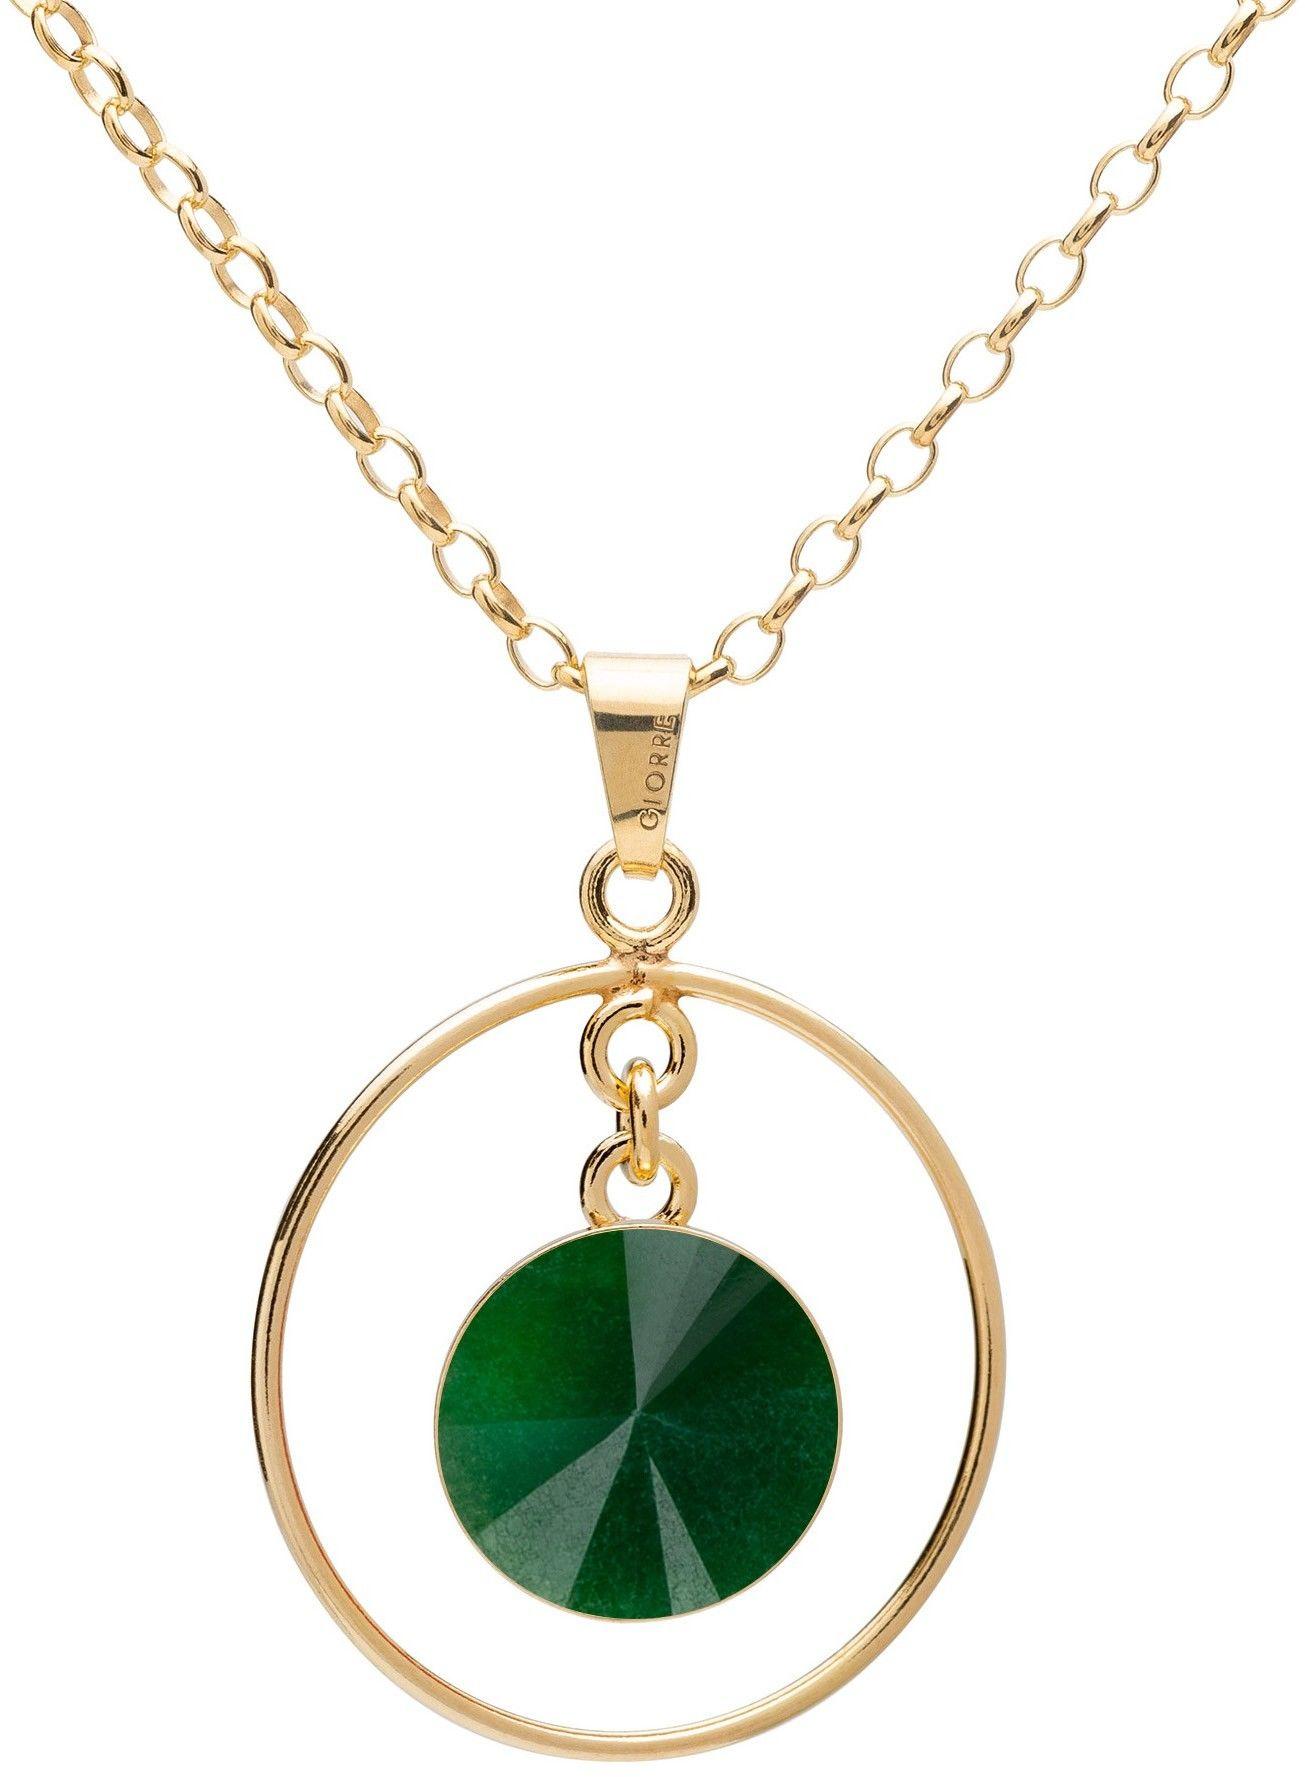 Okrągły naszyjnik z naturalnym kamieniem - jadeit, srebro 925 : Długość (cm) - 45 + 5, Kamienie naturalne - kolor - jadeit zielony ciemny, Srebro - kolor pokrycia - Pokrycie żółtym 18K złotem